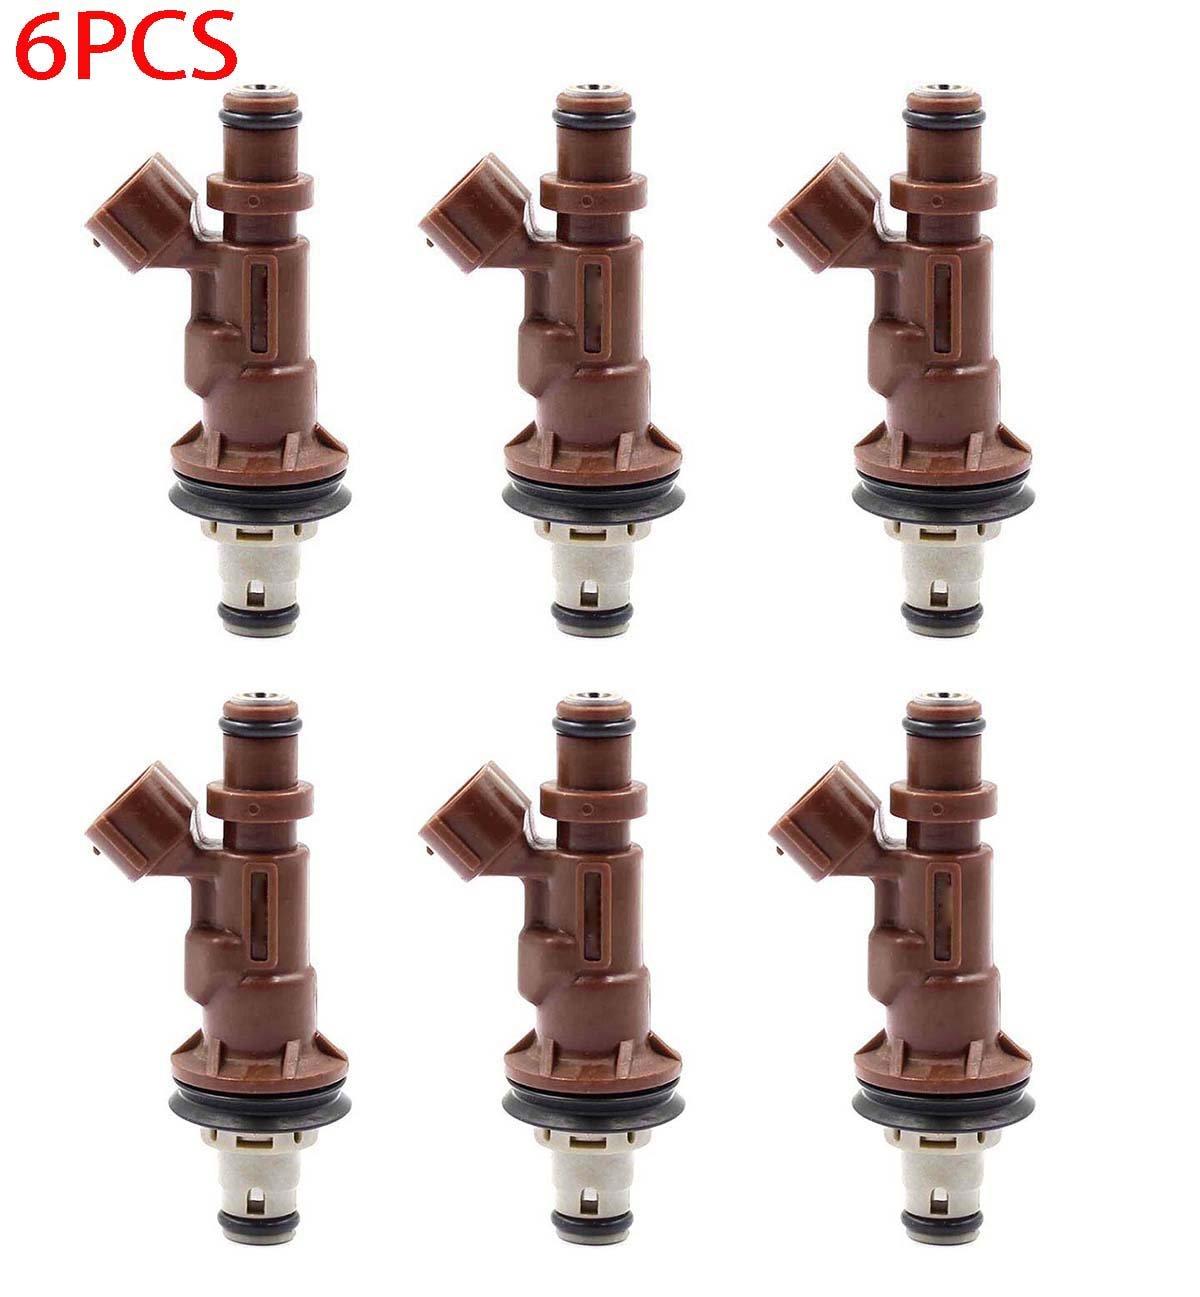 Goodeal 6pcs Fuel Injectors 23250 62040 For Toyota 2000 4runner Air Sensor Tacoma Tundra 34l V6 Automotive